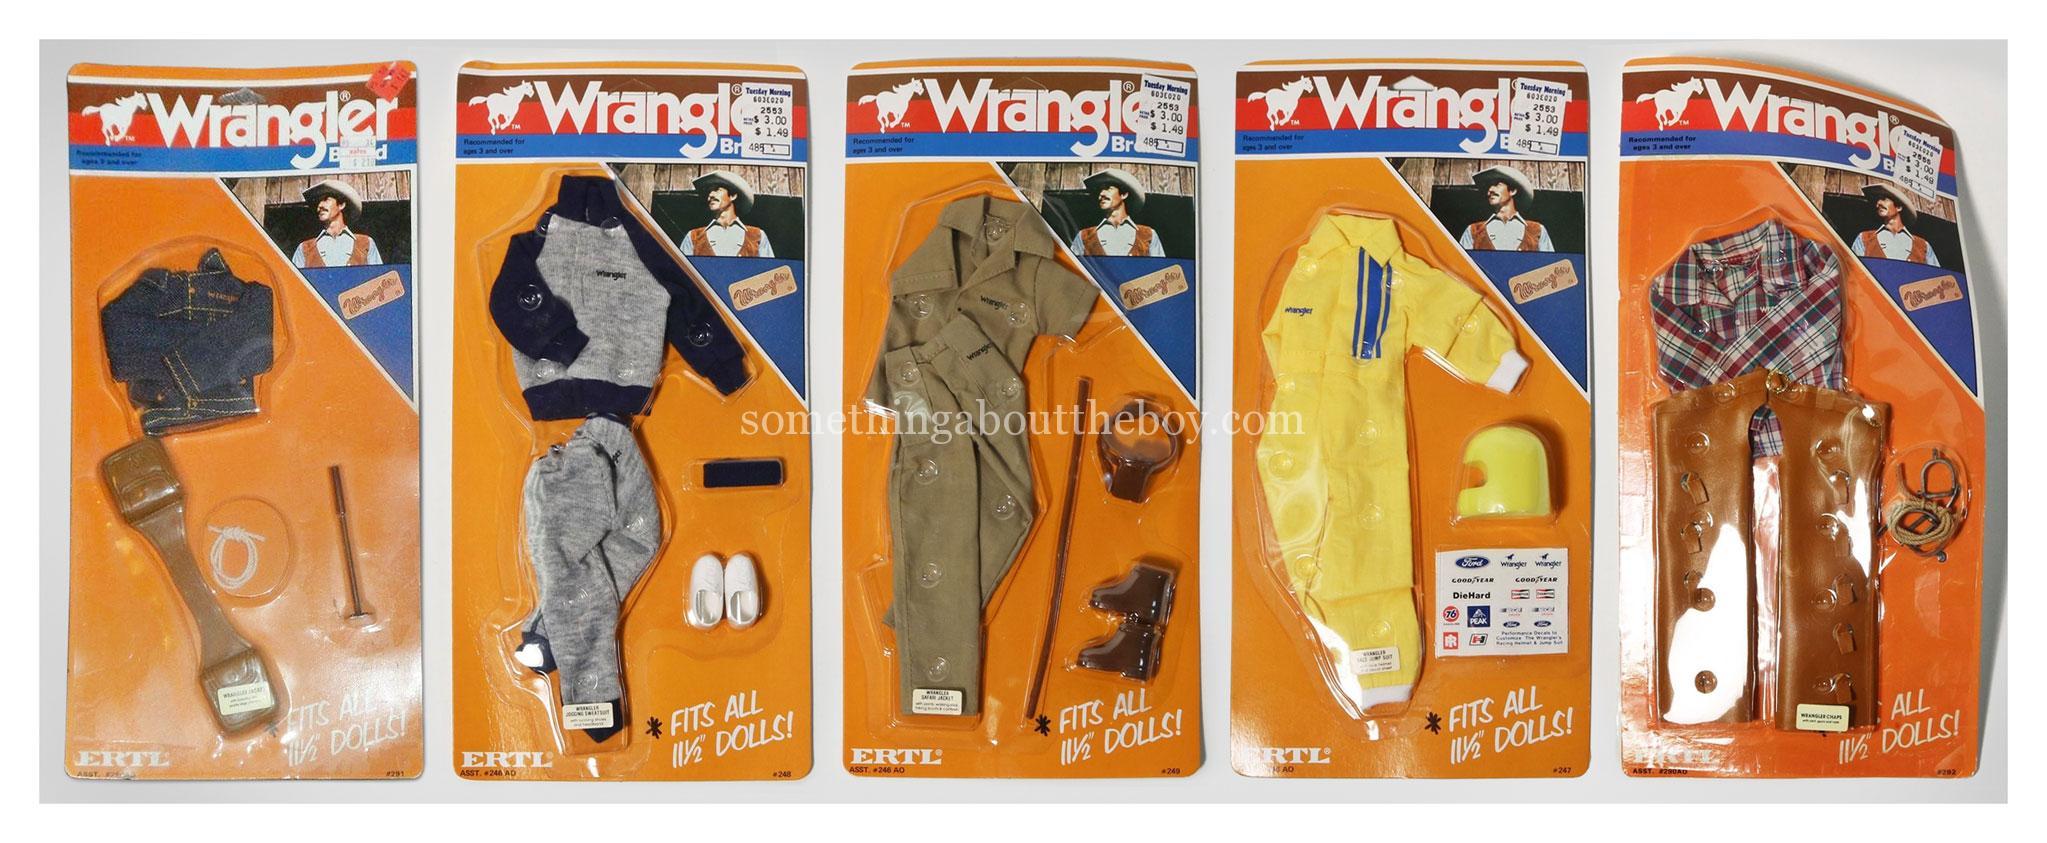 1983 Wrangler outfits